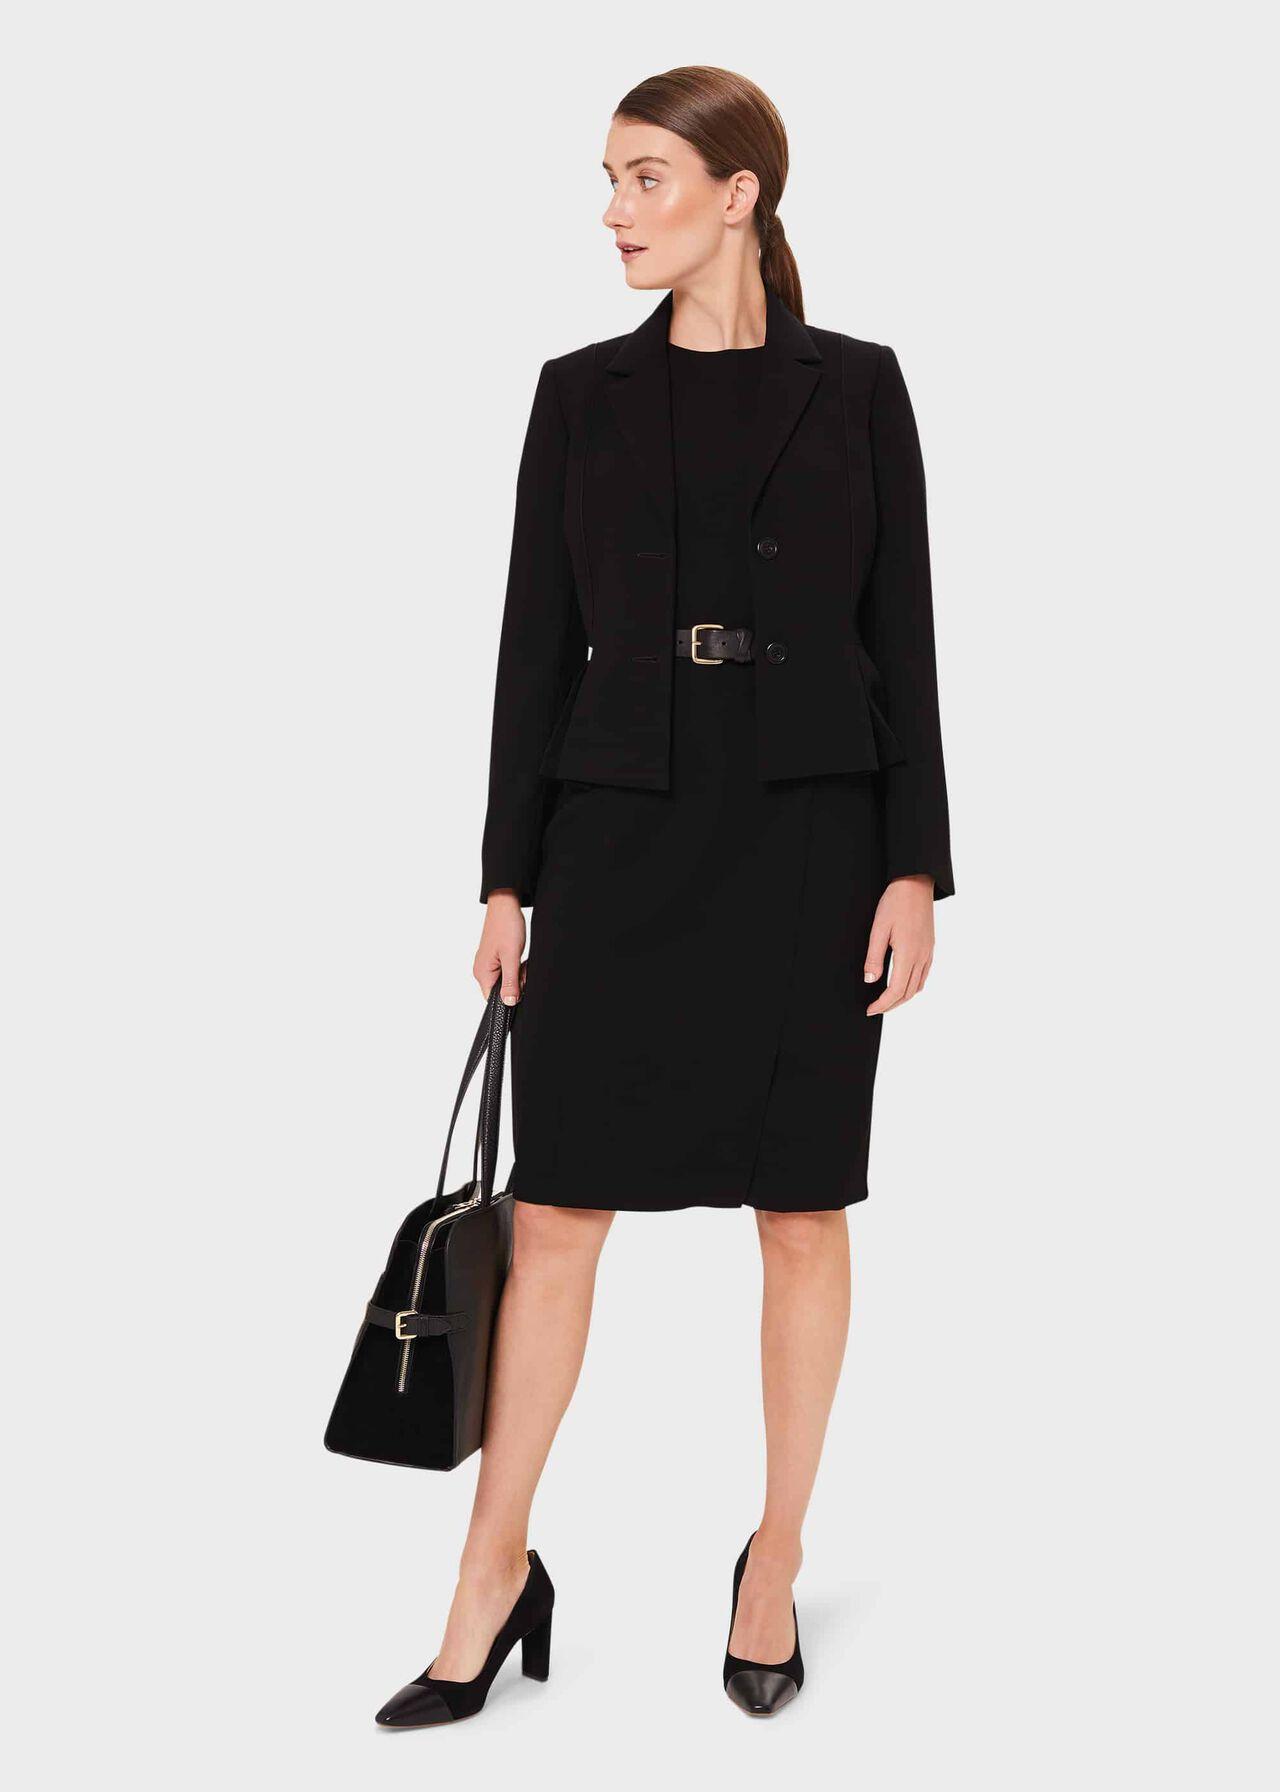 Jolie Co-ord Dress Suit, , hi-res